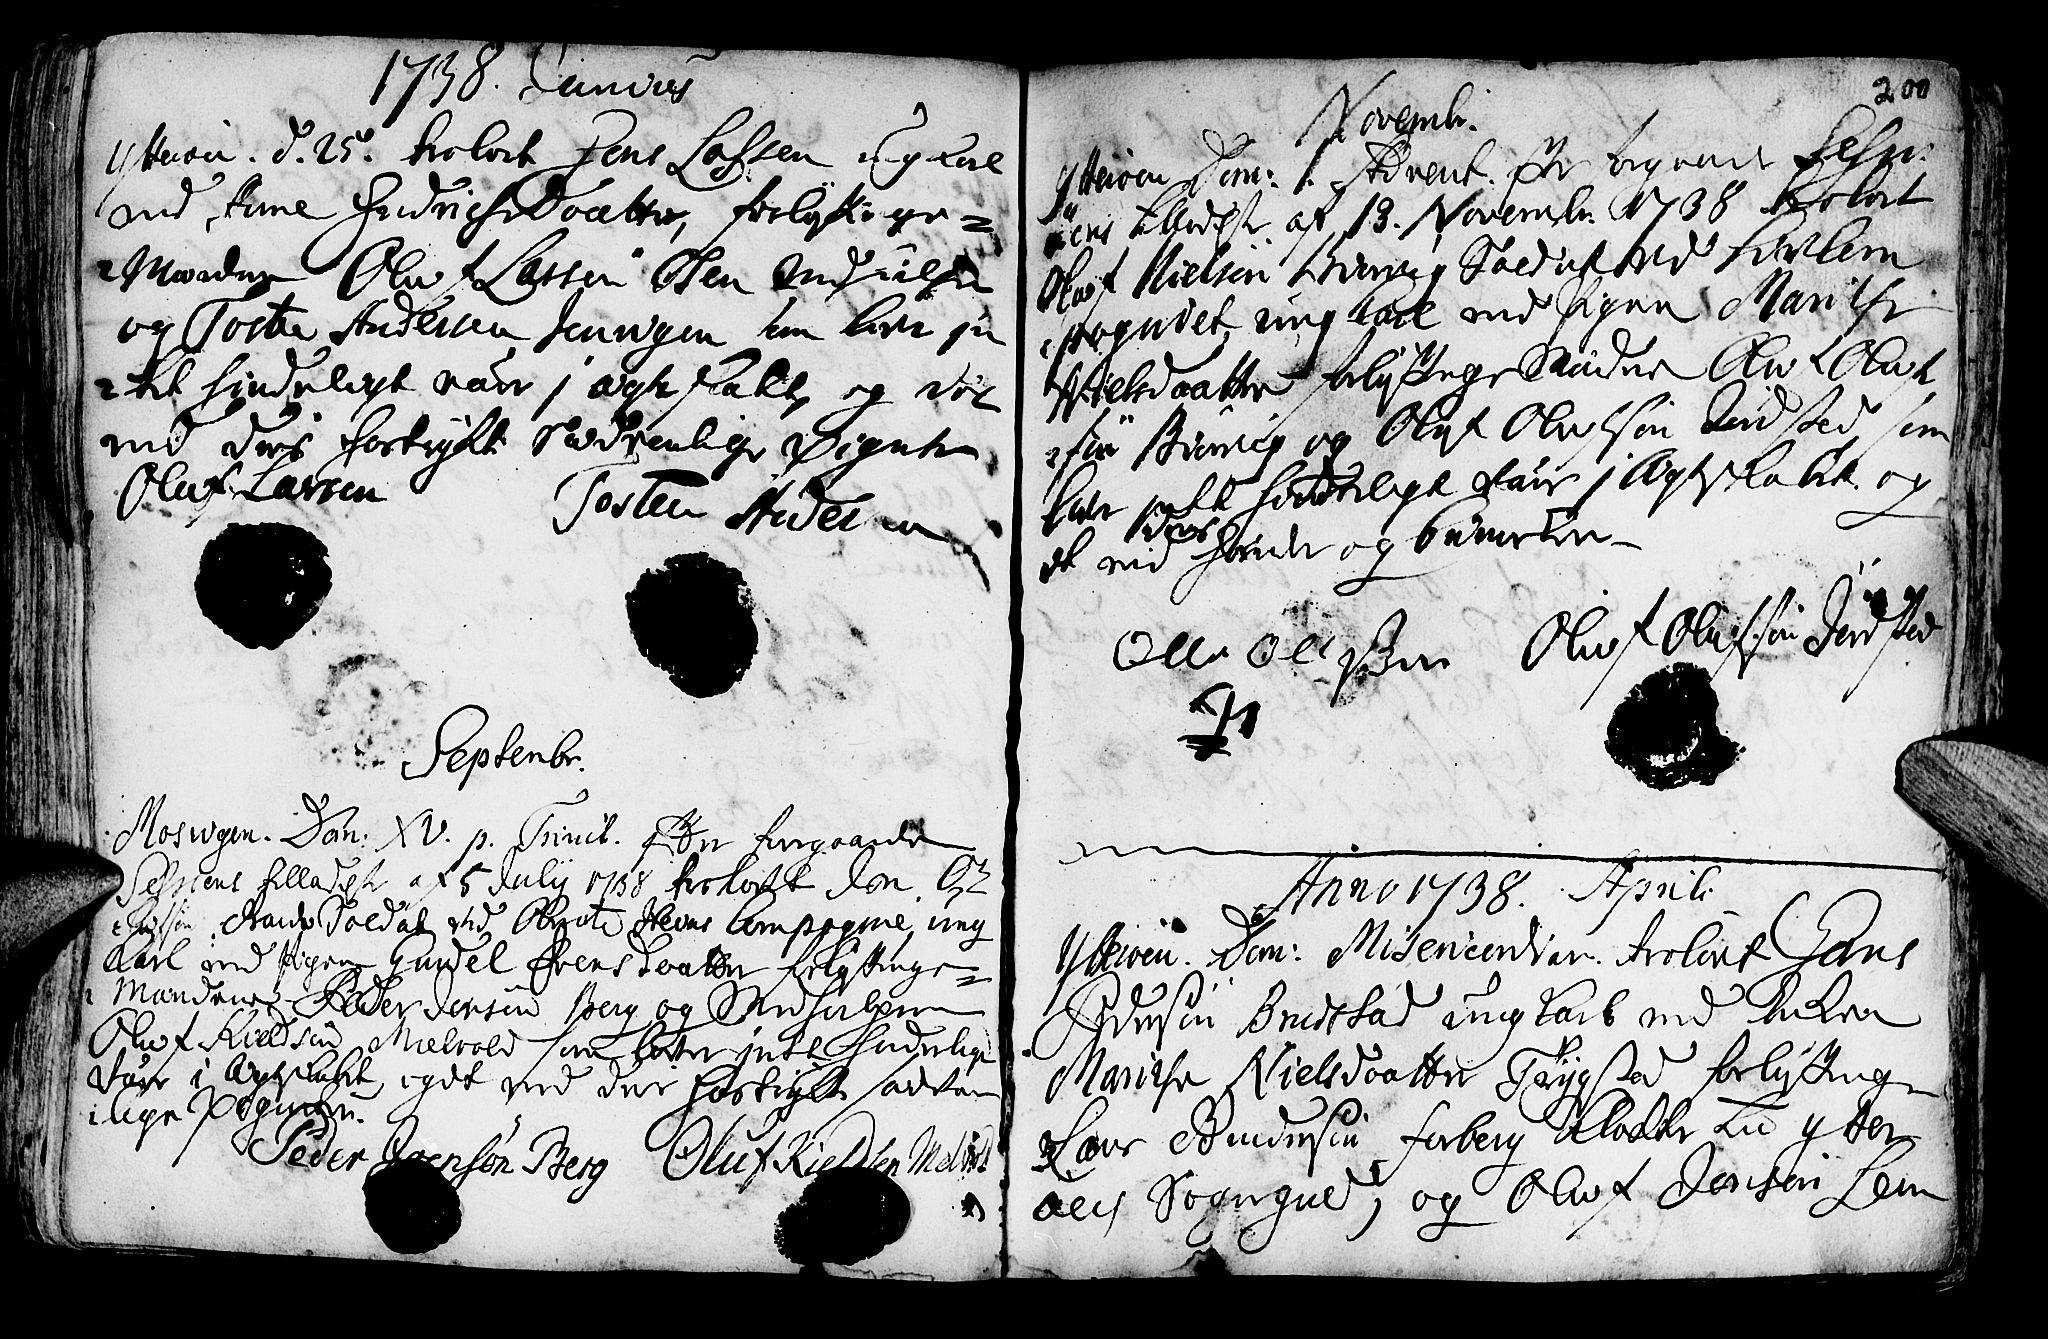 SAT, Ministerialprotokoller, klokkerbøker og fødselsregistre - Nord-Trøndelag, 722/L0215: Ministerialbok nr. 722A02, 1718-1755, s. 200